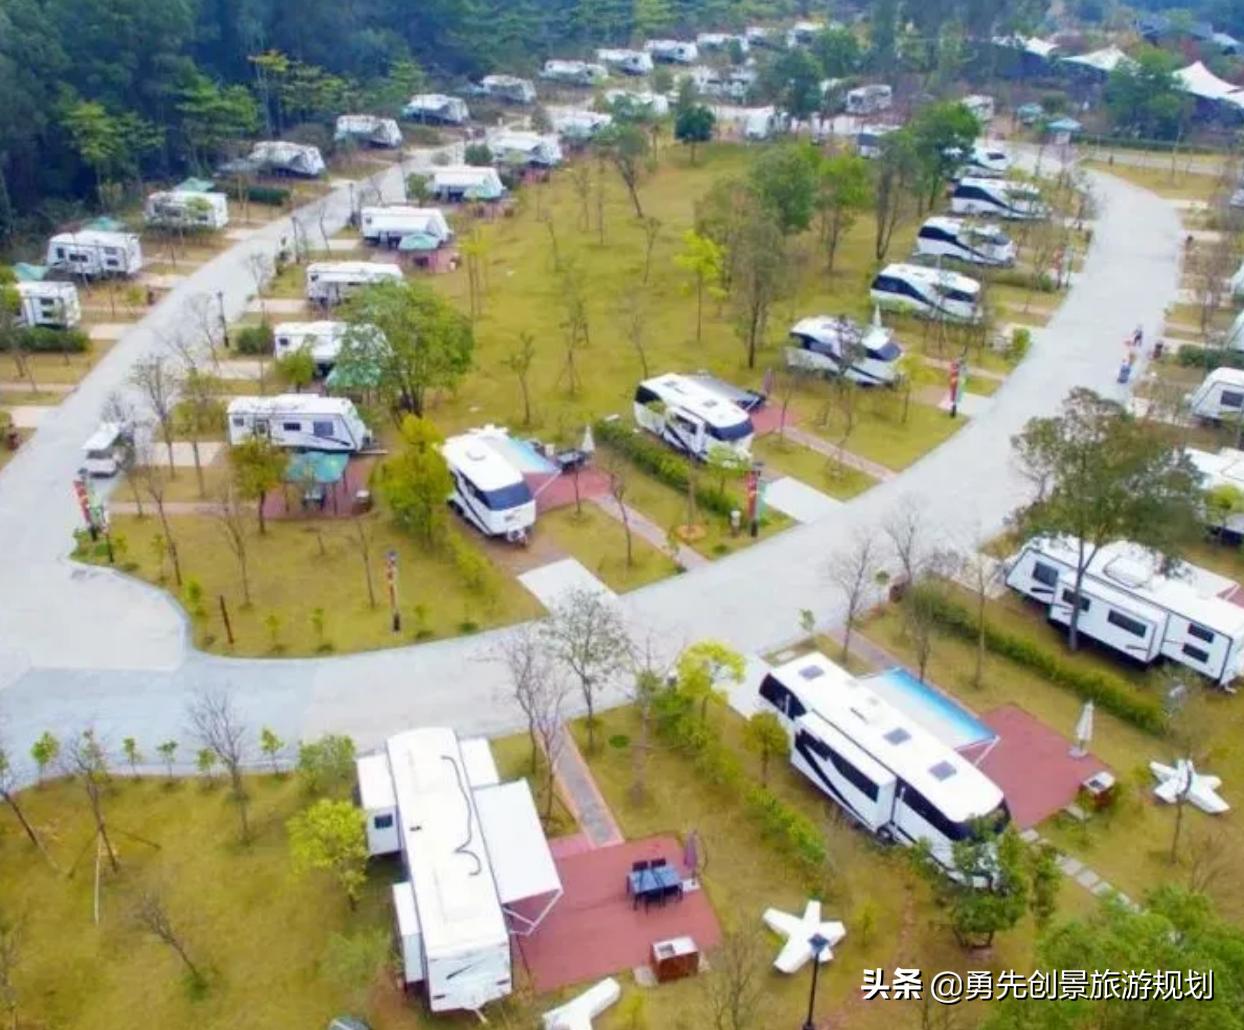 房车营地规划设计要点